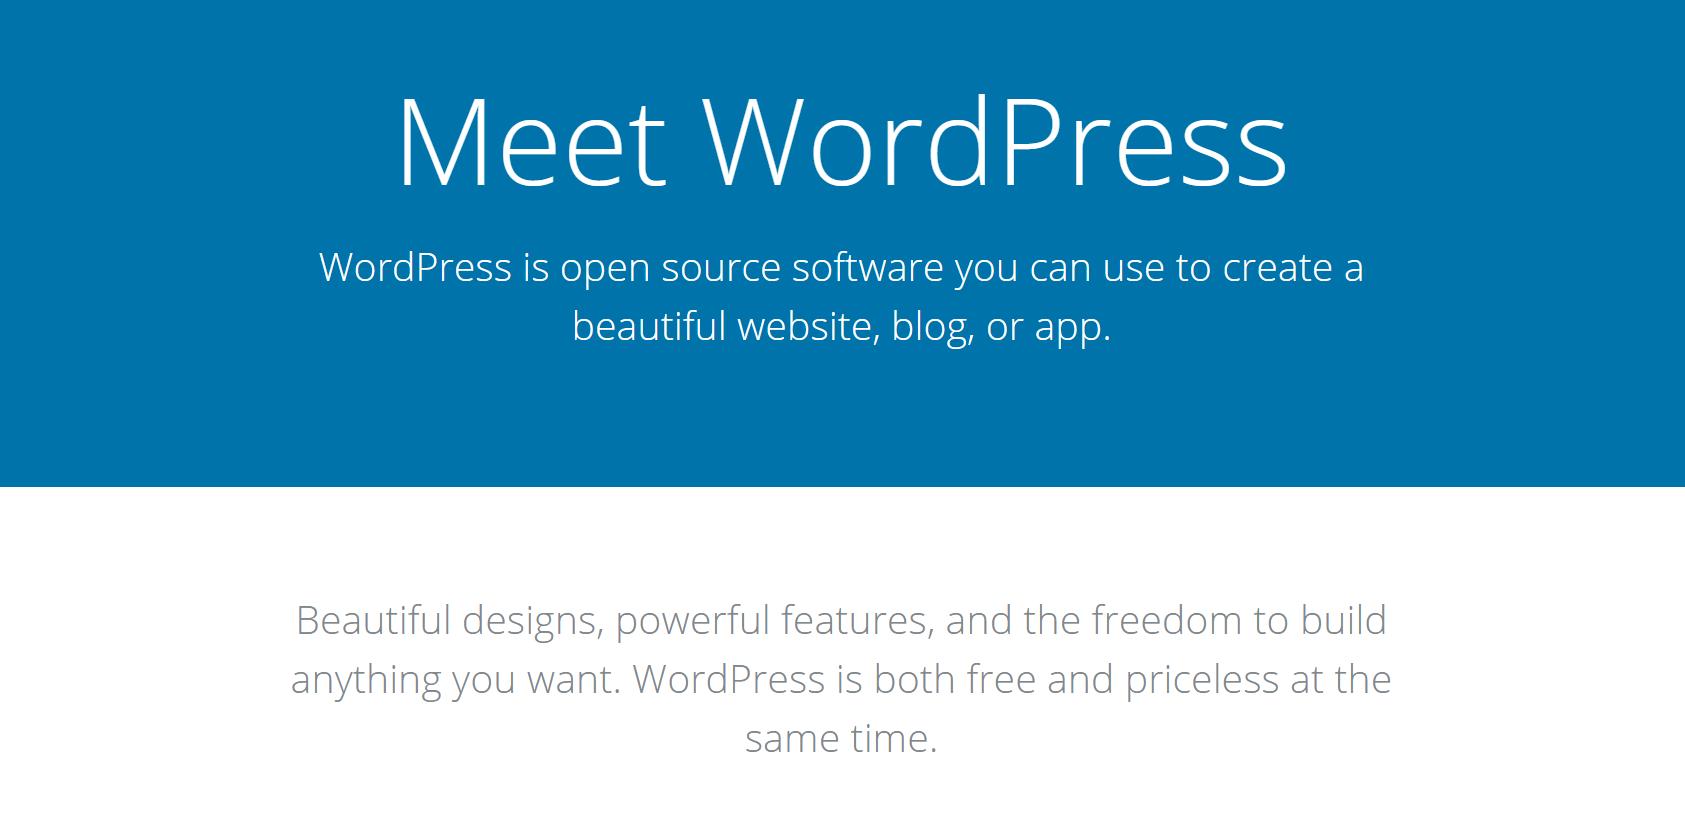 El sitio web de WordPress.